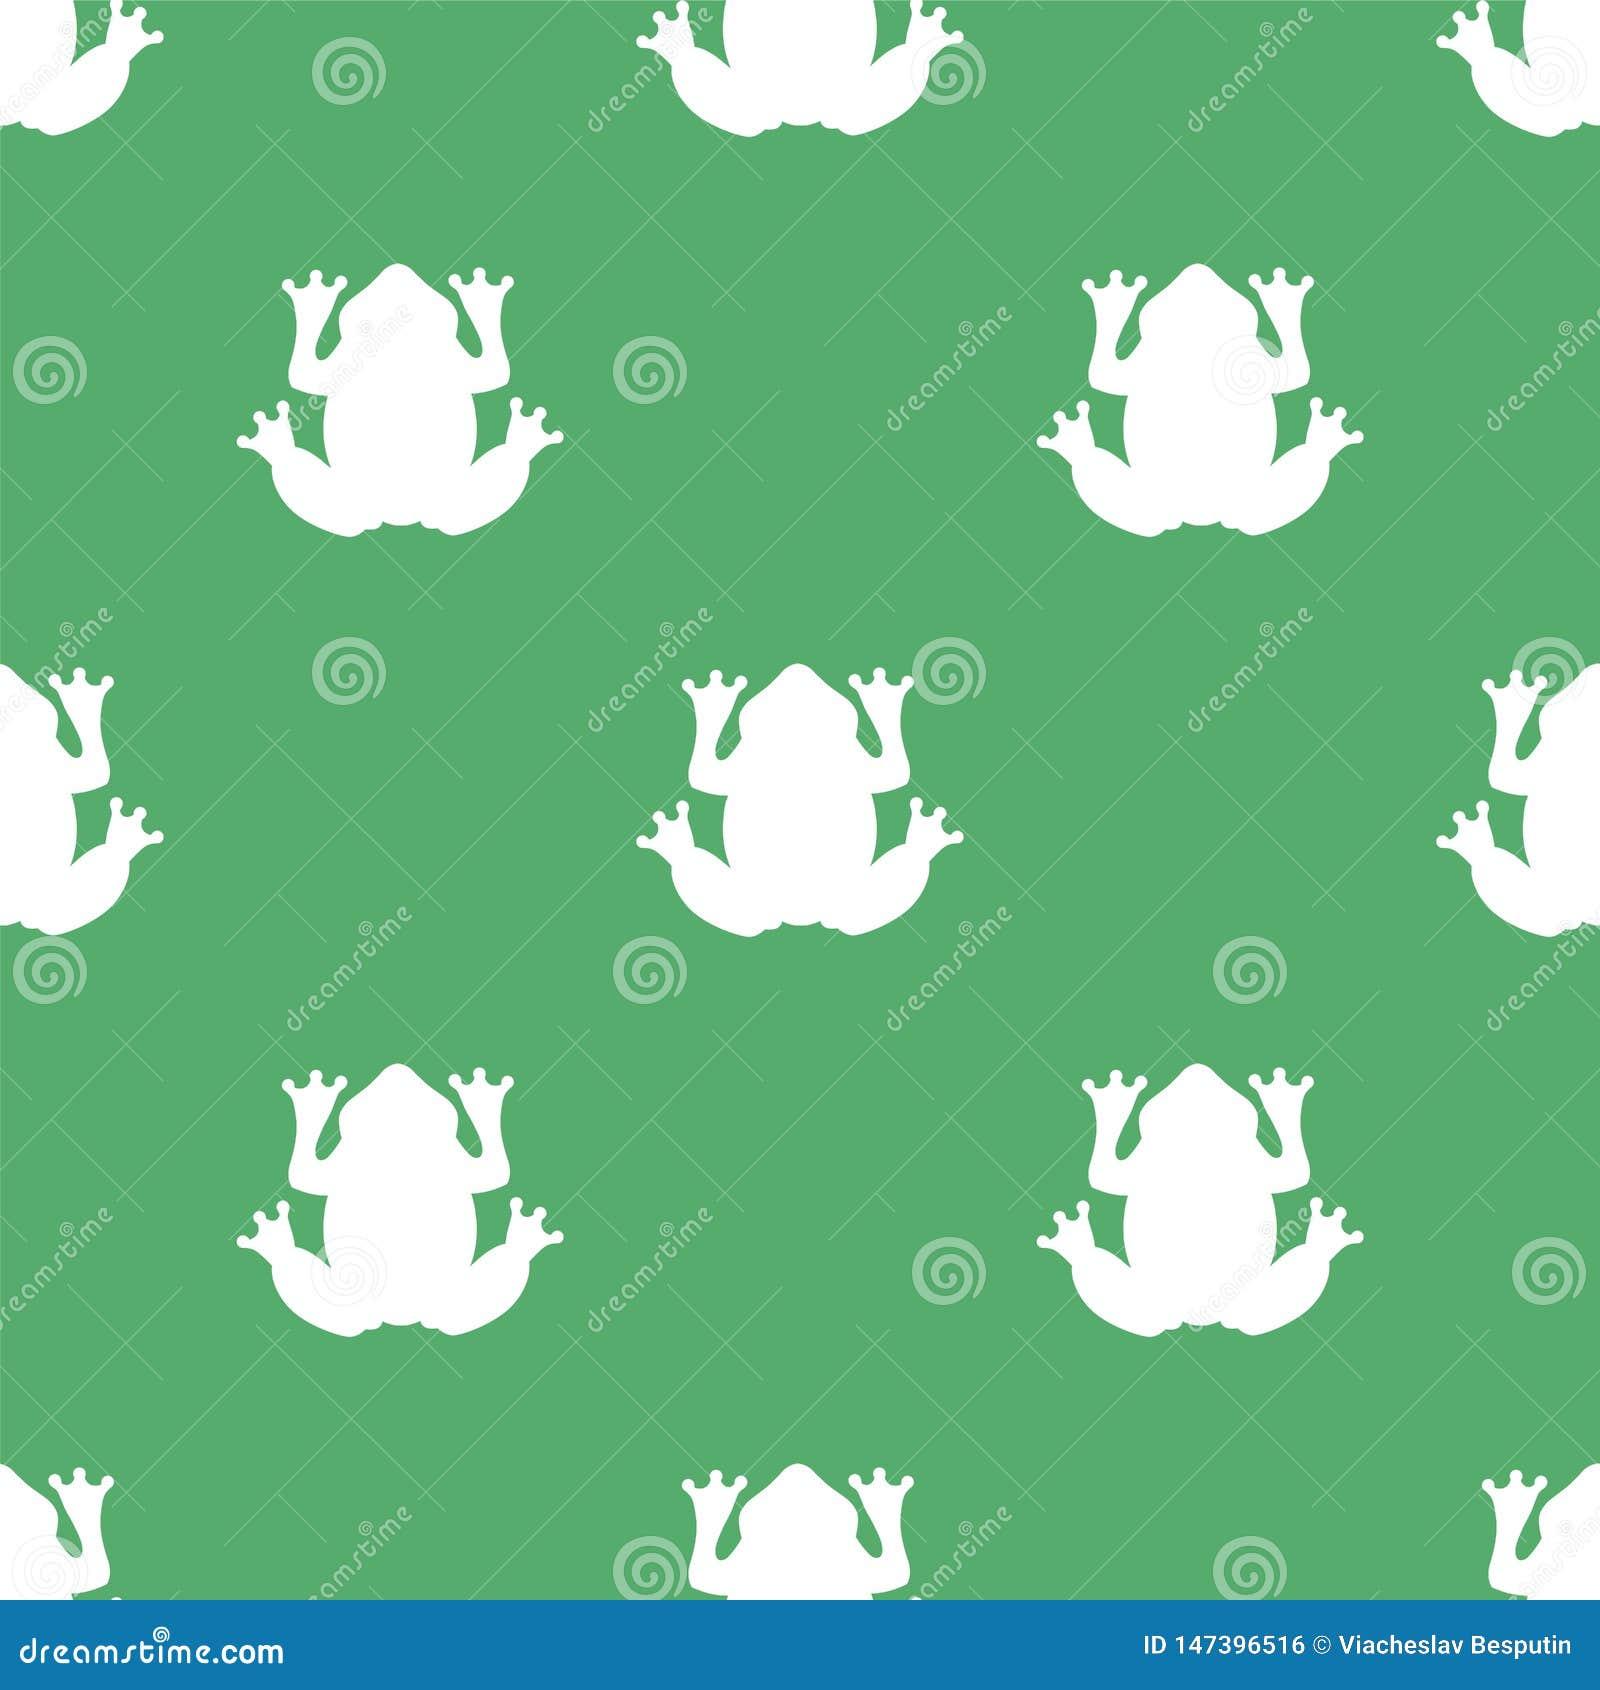 Kontur av en vit groda på en grön bakgrund